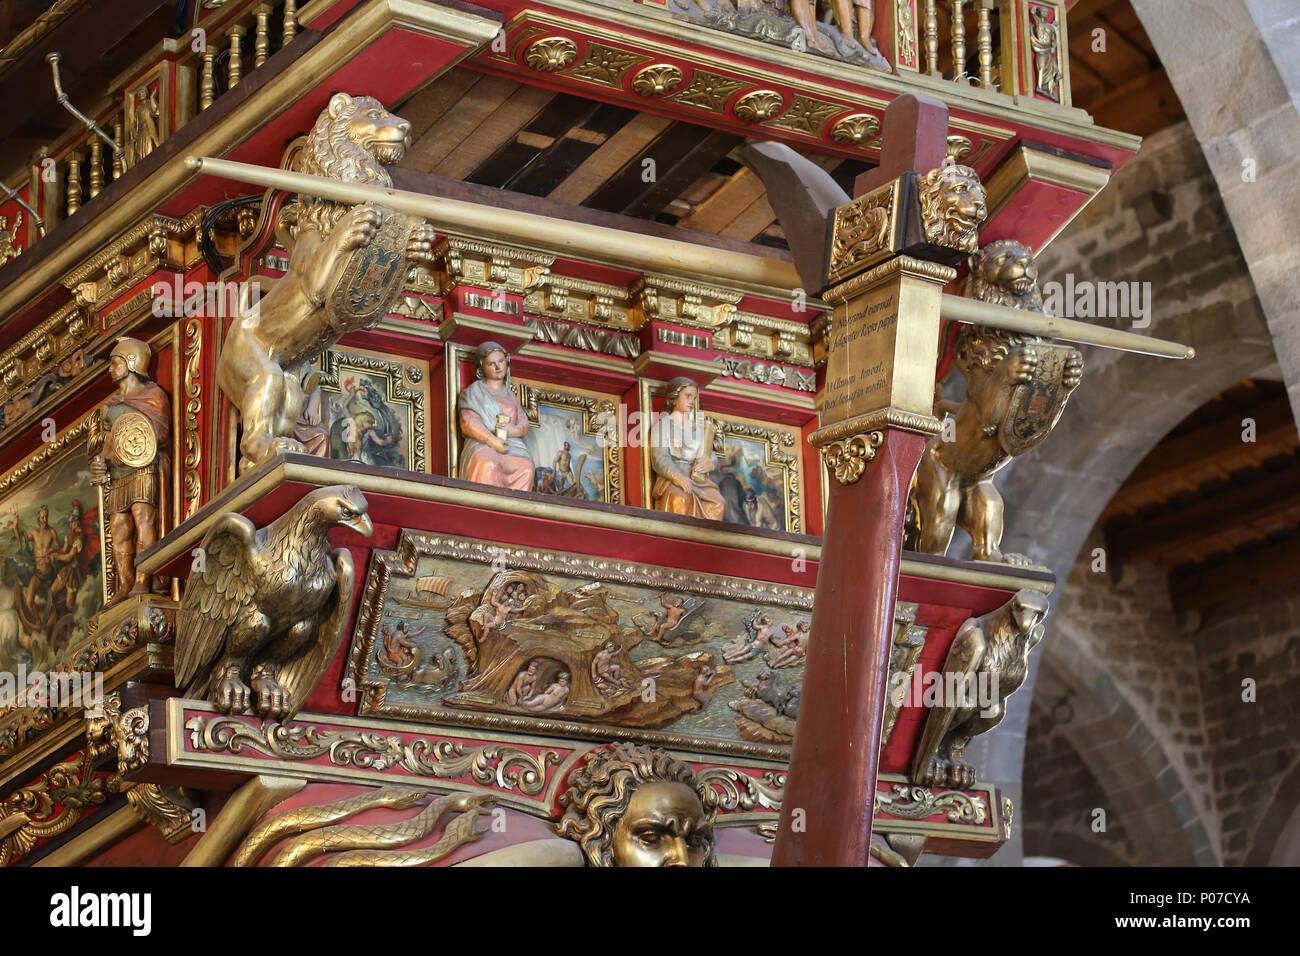 Galley Real, el buque insignia de Don Juan en la batalla de Lepanto (1571). Stern. Museo Marítimo de Barcelona. España. Imagen De Stock